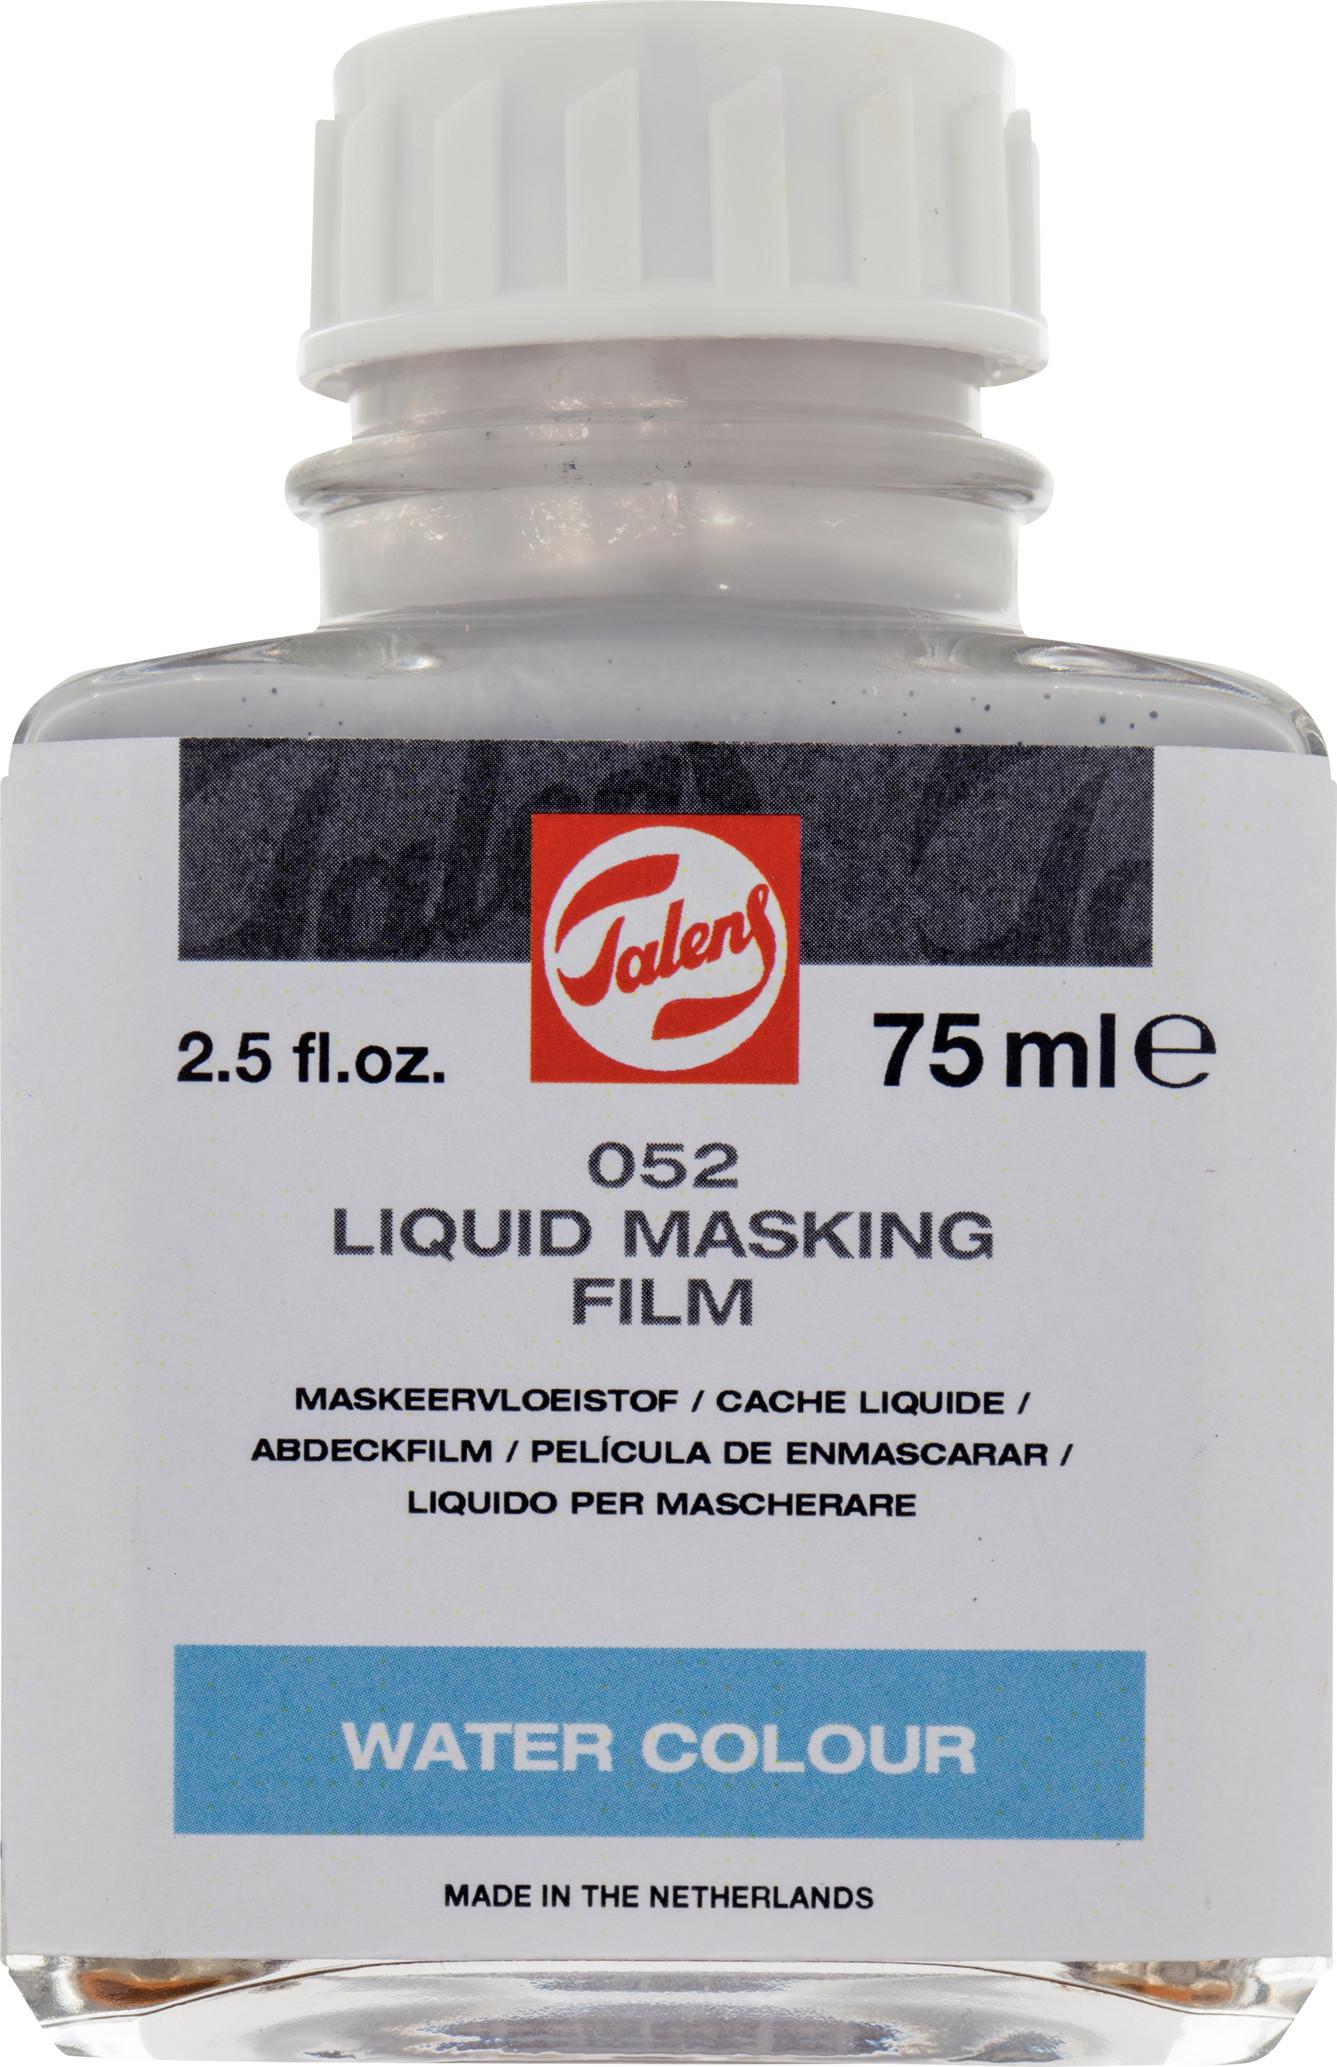 Liquid Masking Film Bottle 75 ml